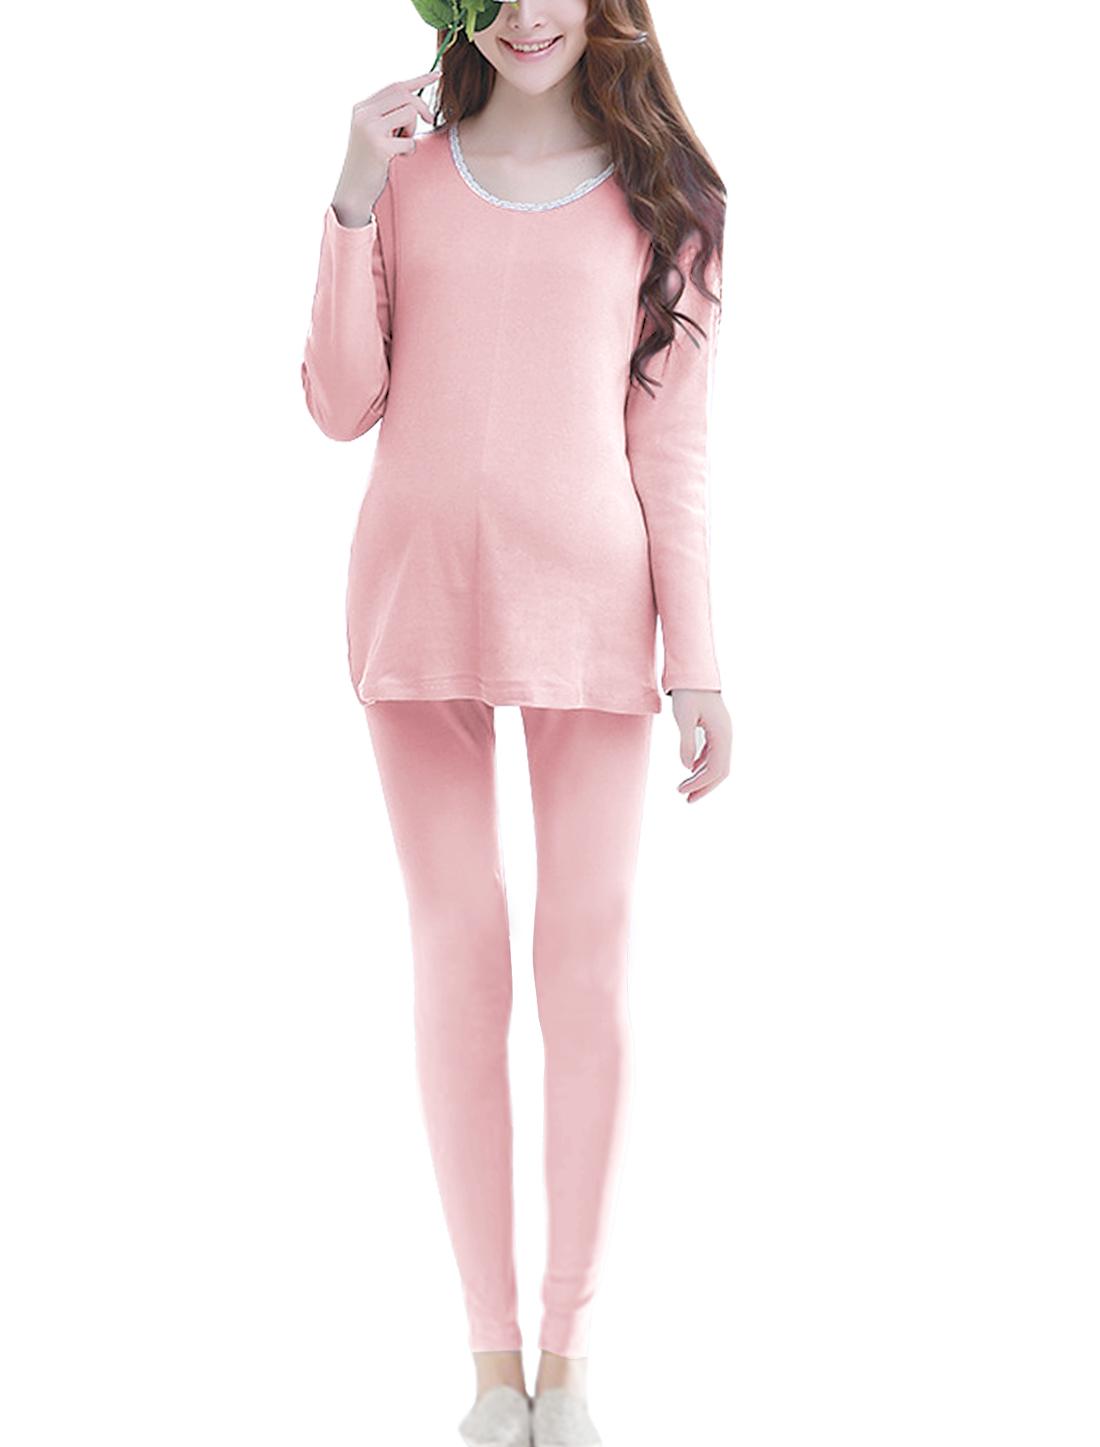 Maternity Layered T-shirt w Lace Panel Pants Sets Light Pink XS